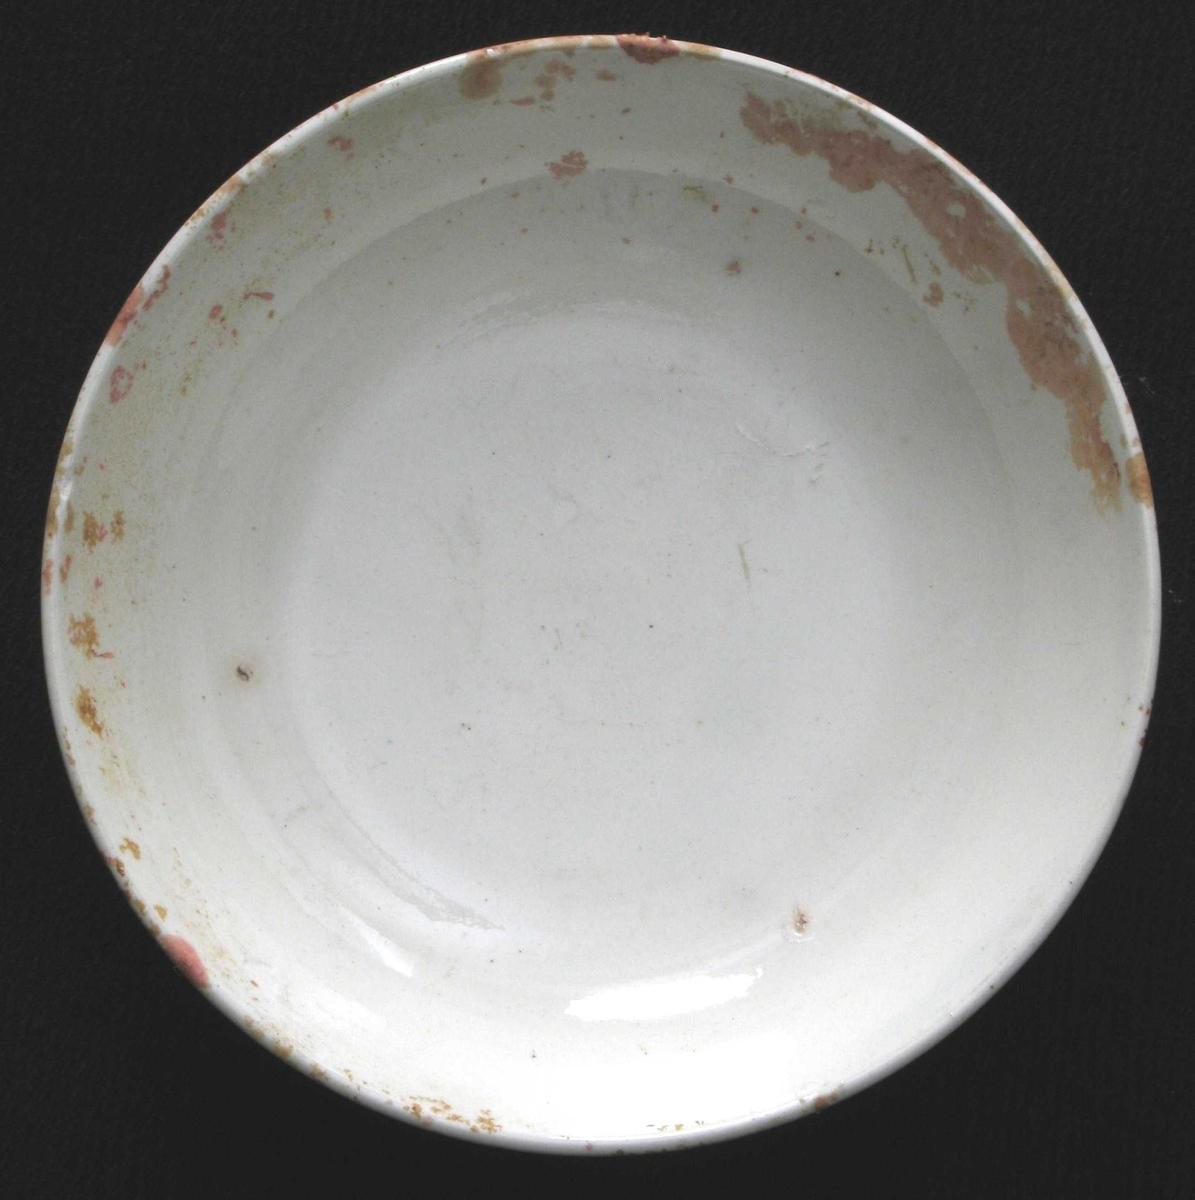 Skål, creamware,  stemplet:   SEWELL  Litt dyp  skål, uten markert brem.   Tilstand: noen lyse gråblå flekker og litt belegg.